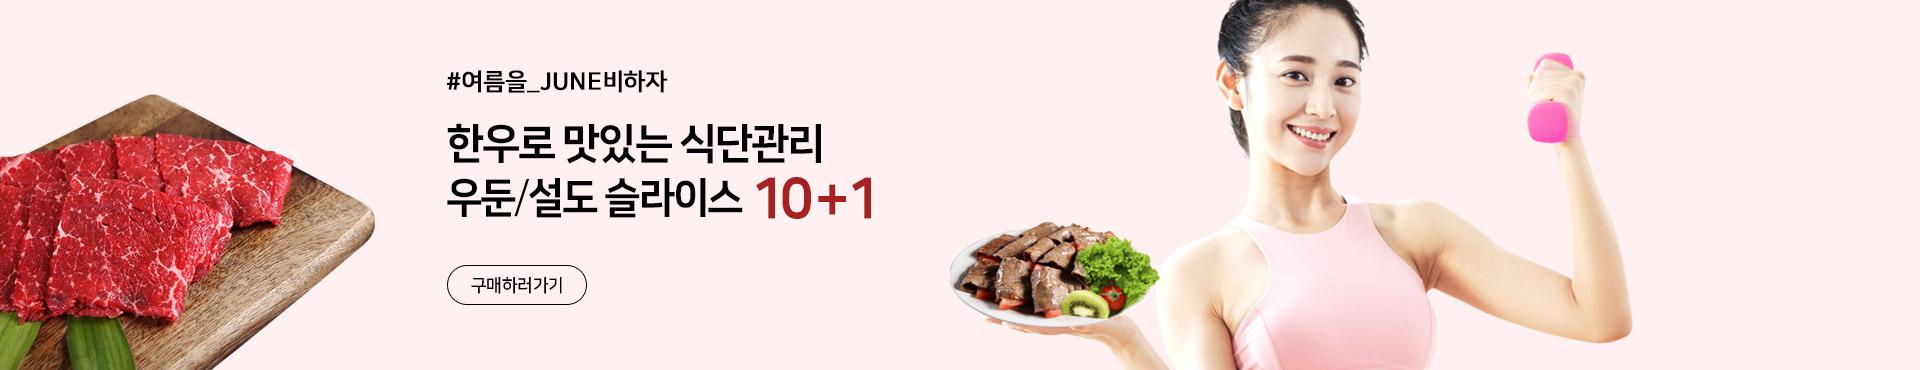 저지방 한우  우둔/설도 슬라이스 10+1